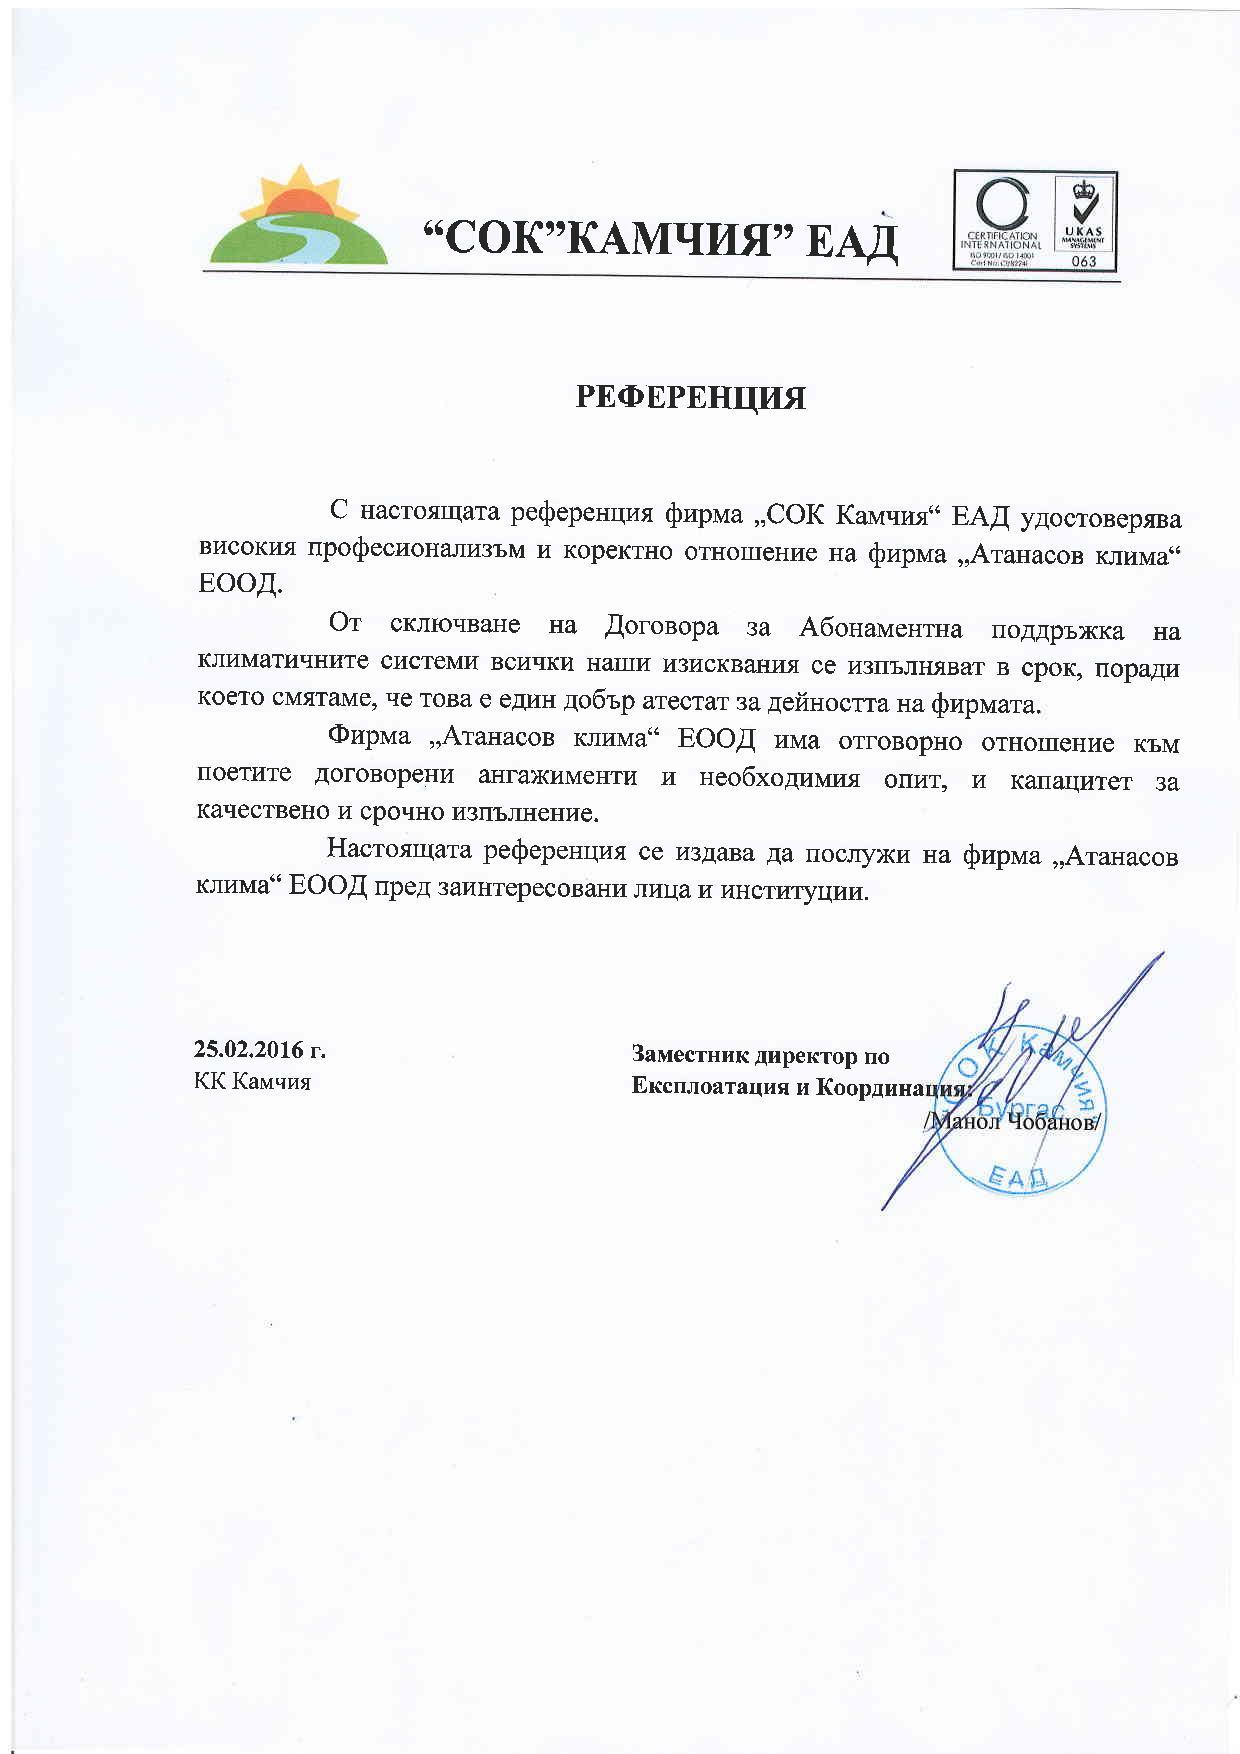 Референция от Манол Чобанов